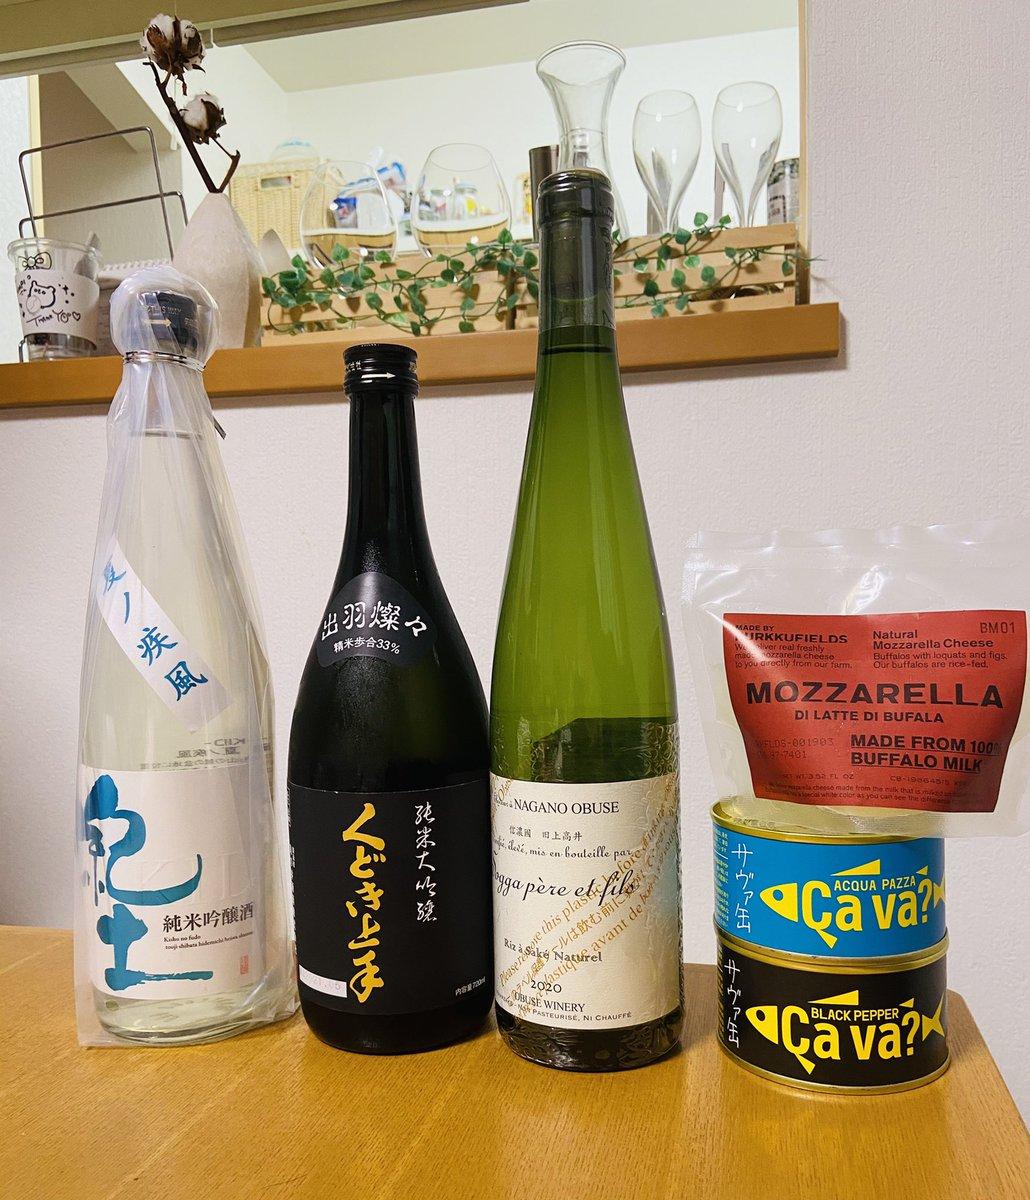 test ツイッターメディア - 今日はいまでや本店。  妻が店長にお会いしたいとのことで連れて行きました。妻が好きな日本酒は紀土春ノ薫風と伝えたら、似た傾向の酒だと、くどき上手の33%を勧めてくれました。  後は夏ノ疾風と小布施ワイナリーのブレンドを。冷蔵庫満杯😂 クルックフィールズとサヴァ缶も。  #日本酒 #いまでや https://t.co/UMTsU4A9cZ